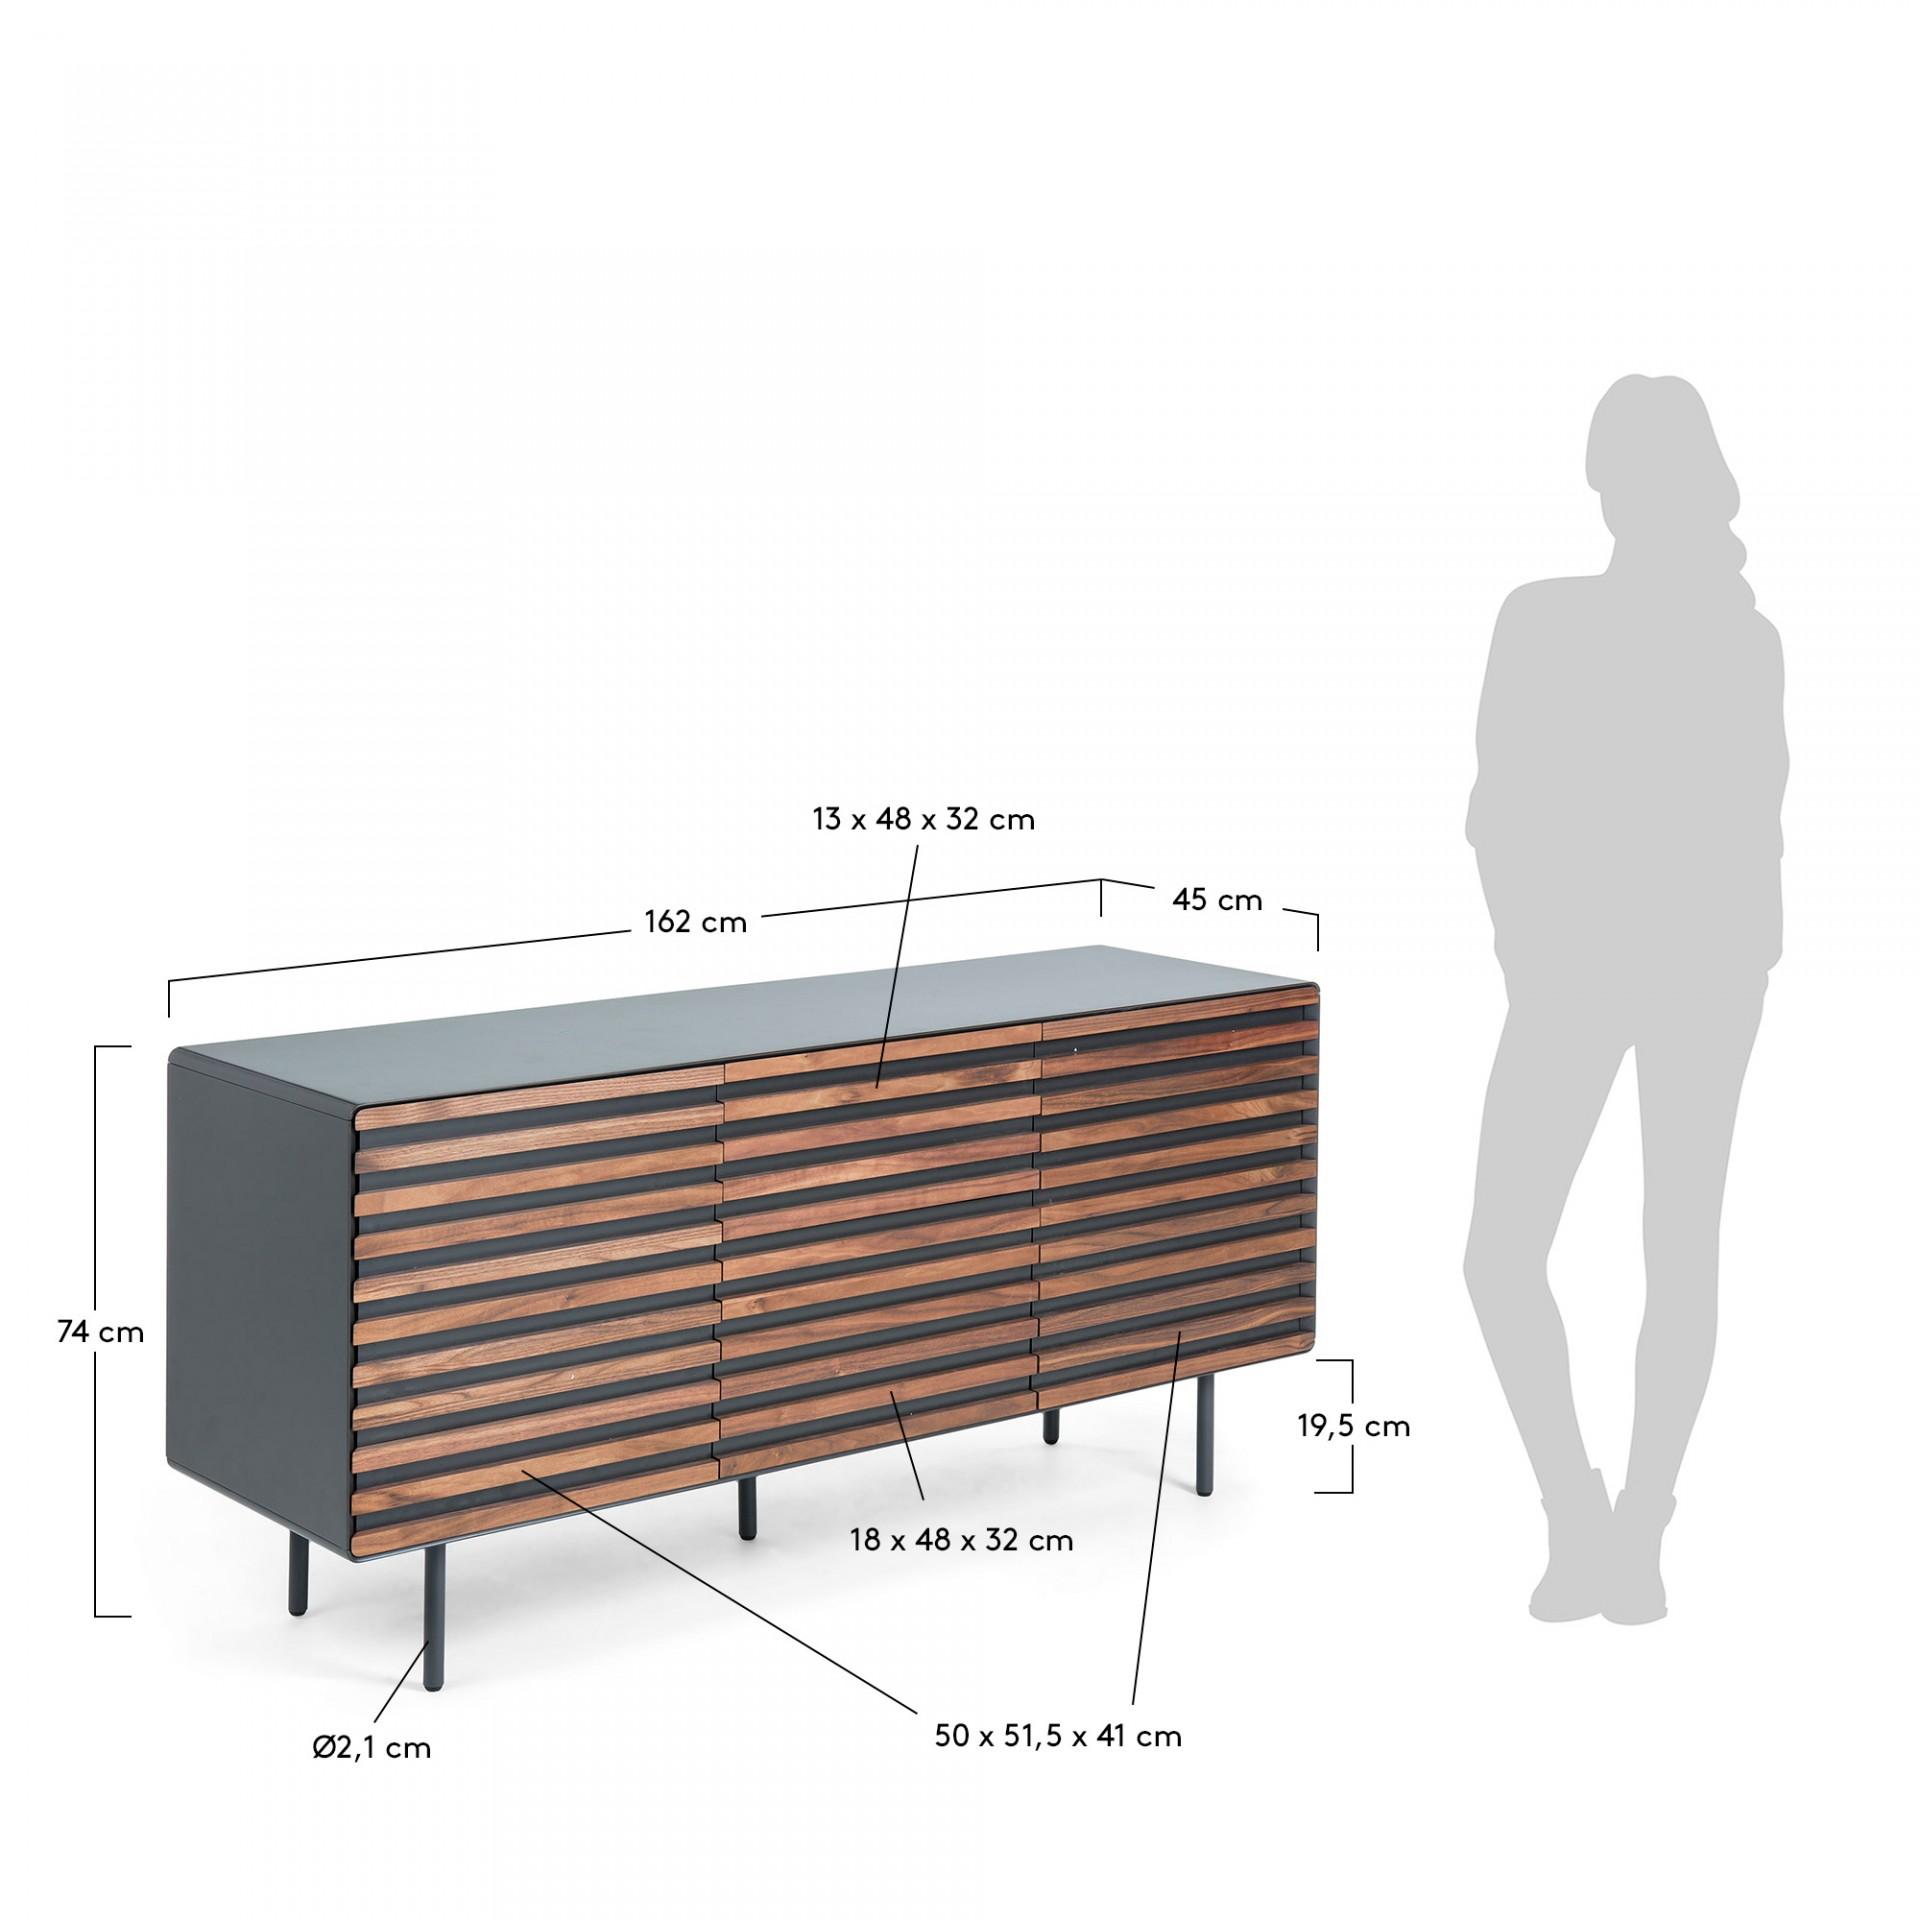 Aparador Kasia, MDF lacado/madeira de nogueira, 162x74